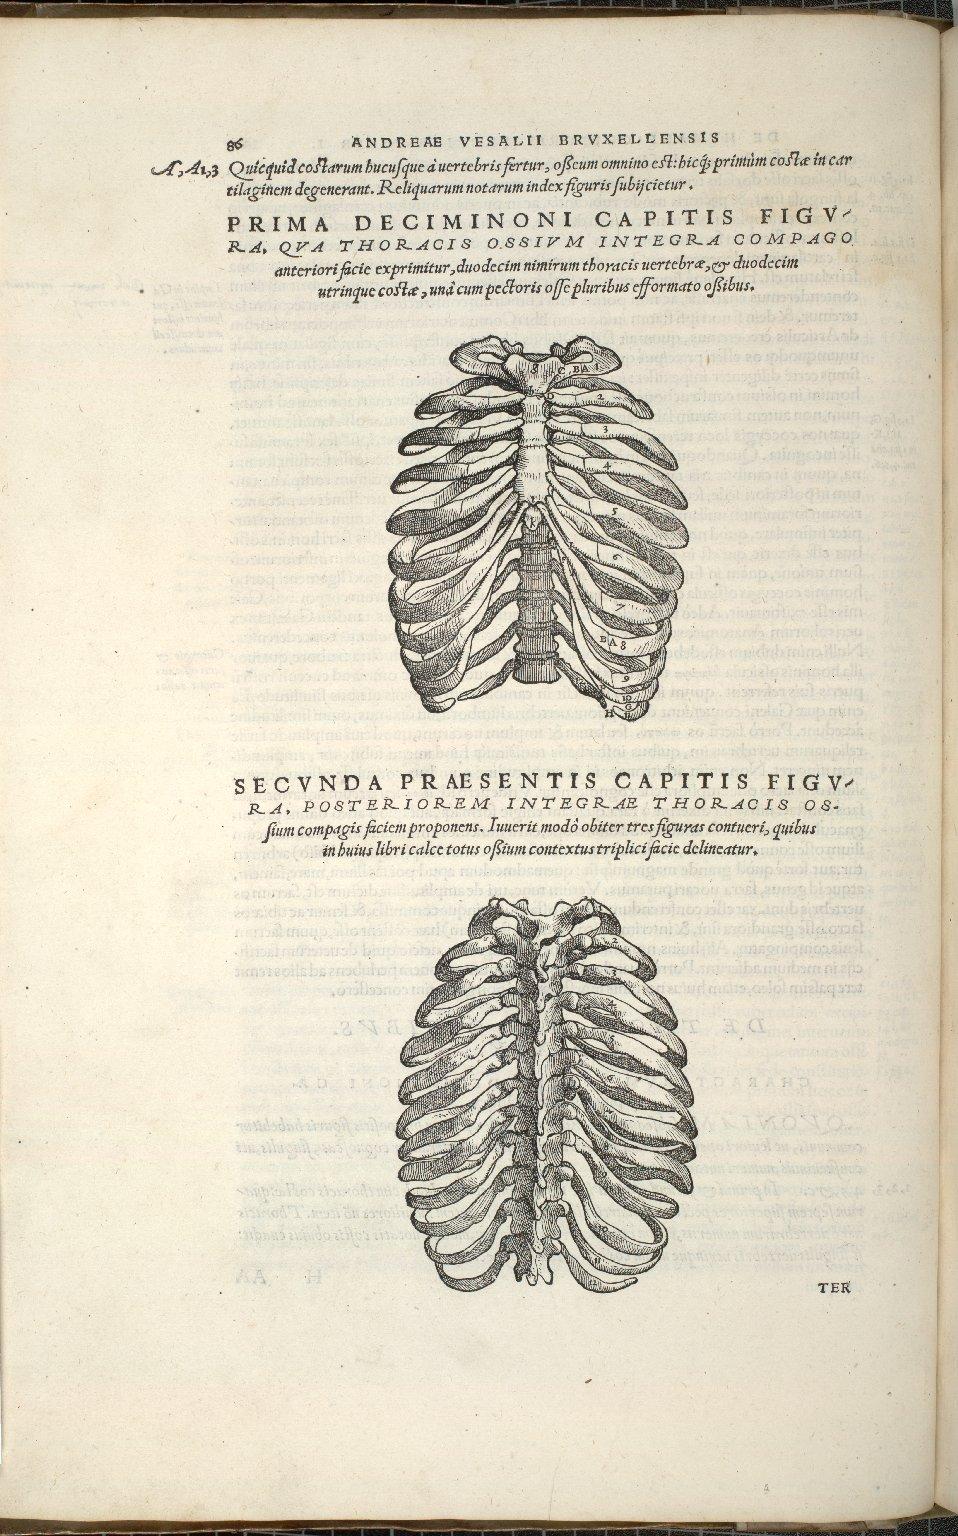 De Thoracis Ossium Integra. Caput XIX. Fig.I-II